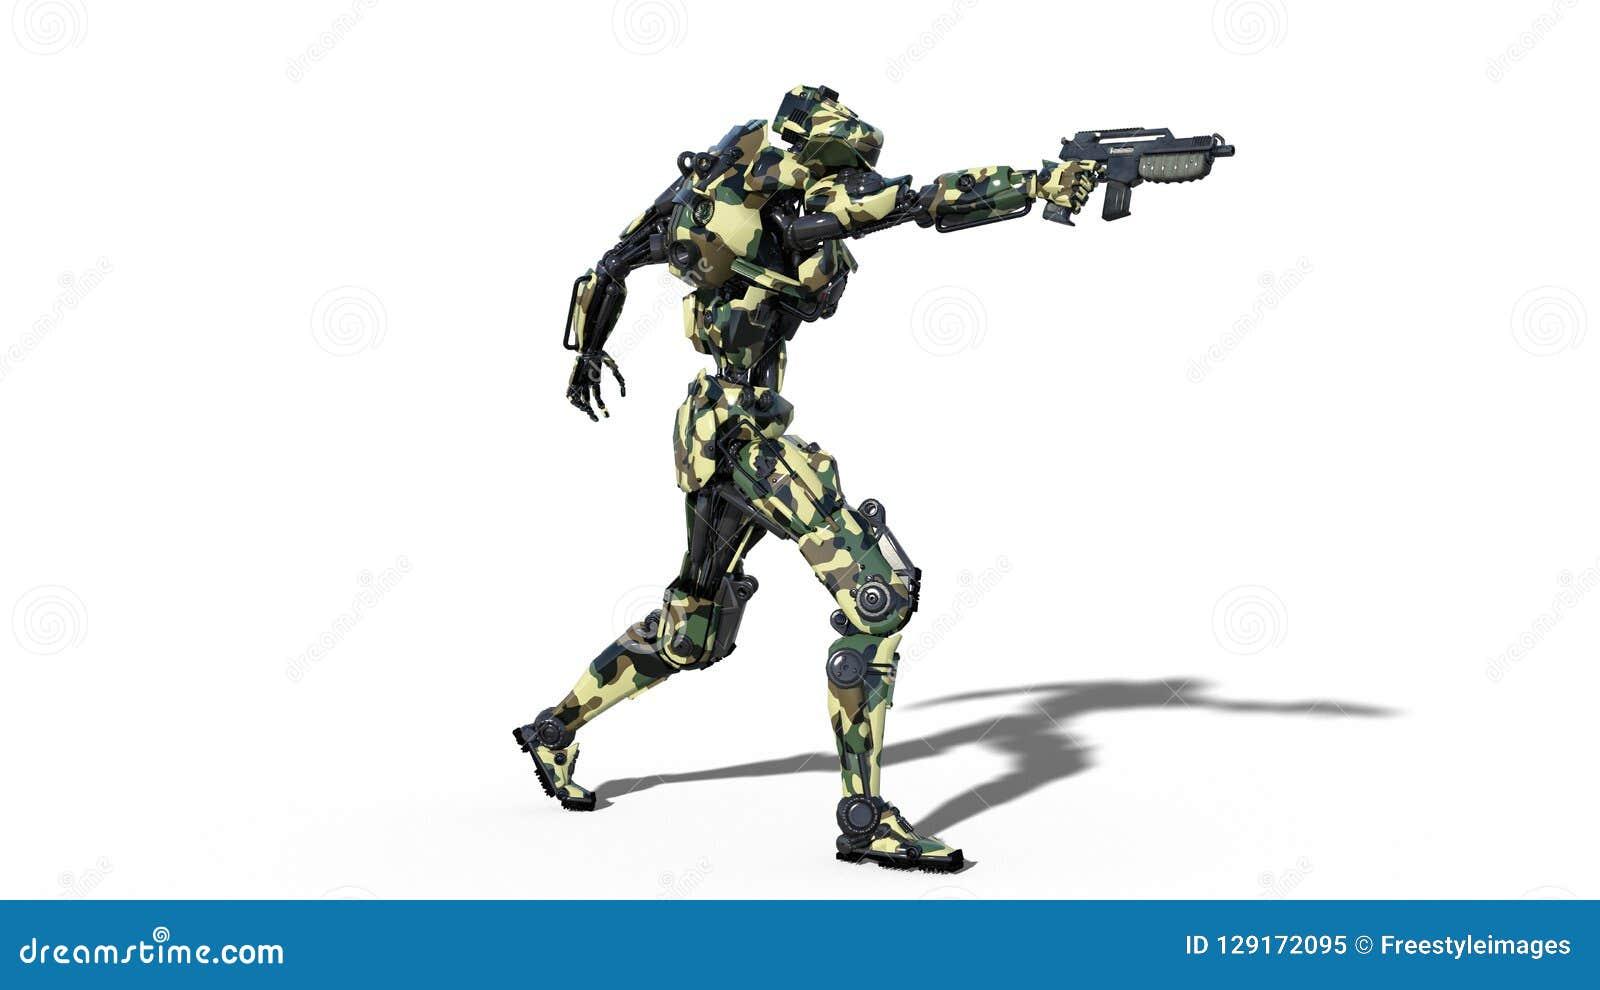 Робот армии, киборг вооруженных сил страны, воинское оружие стрельбы солдата андроида на белой предпосылке, 3D представляет